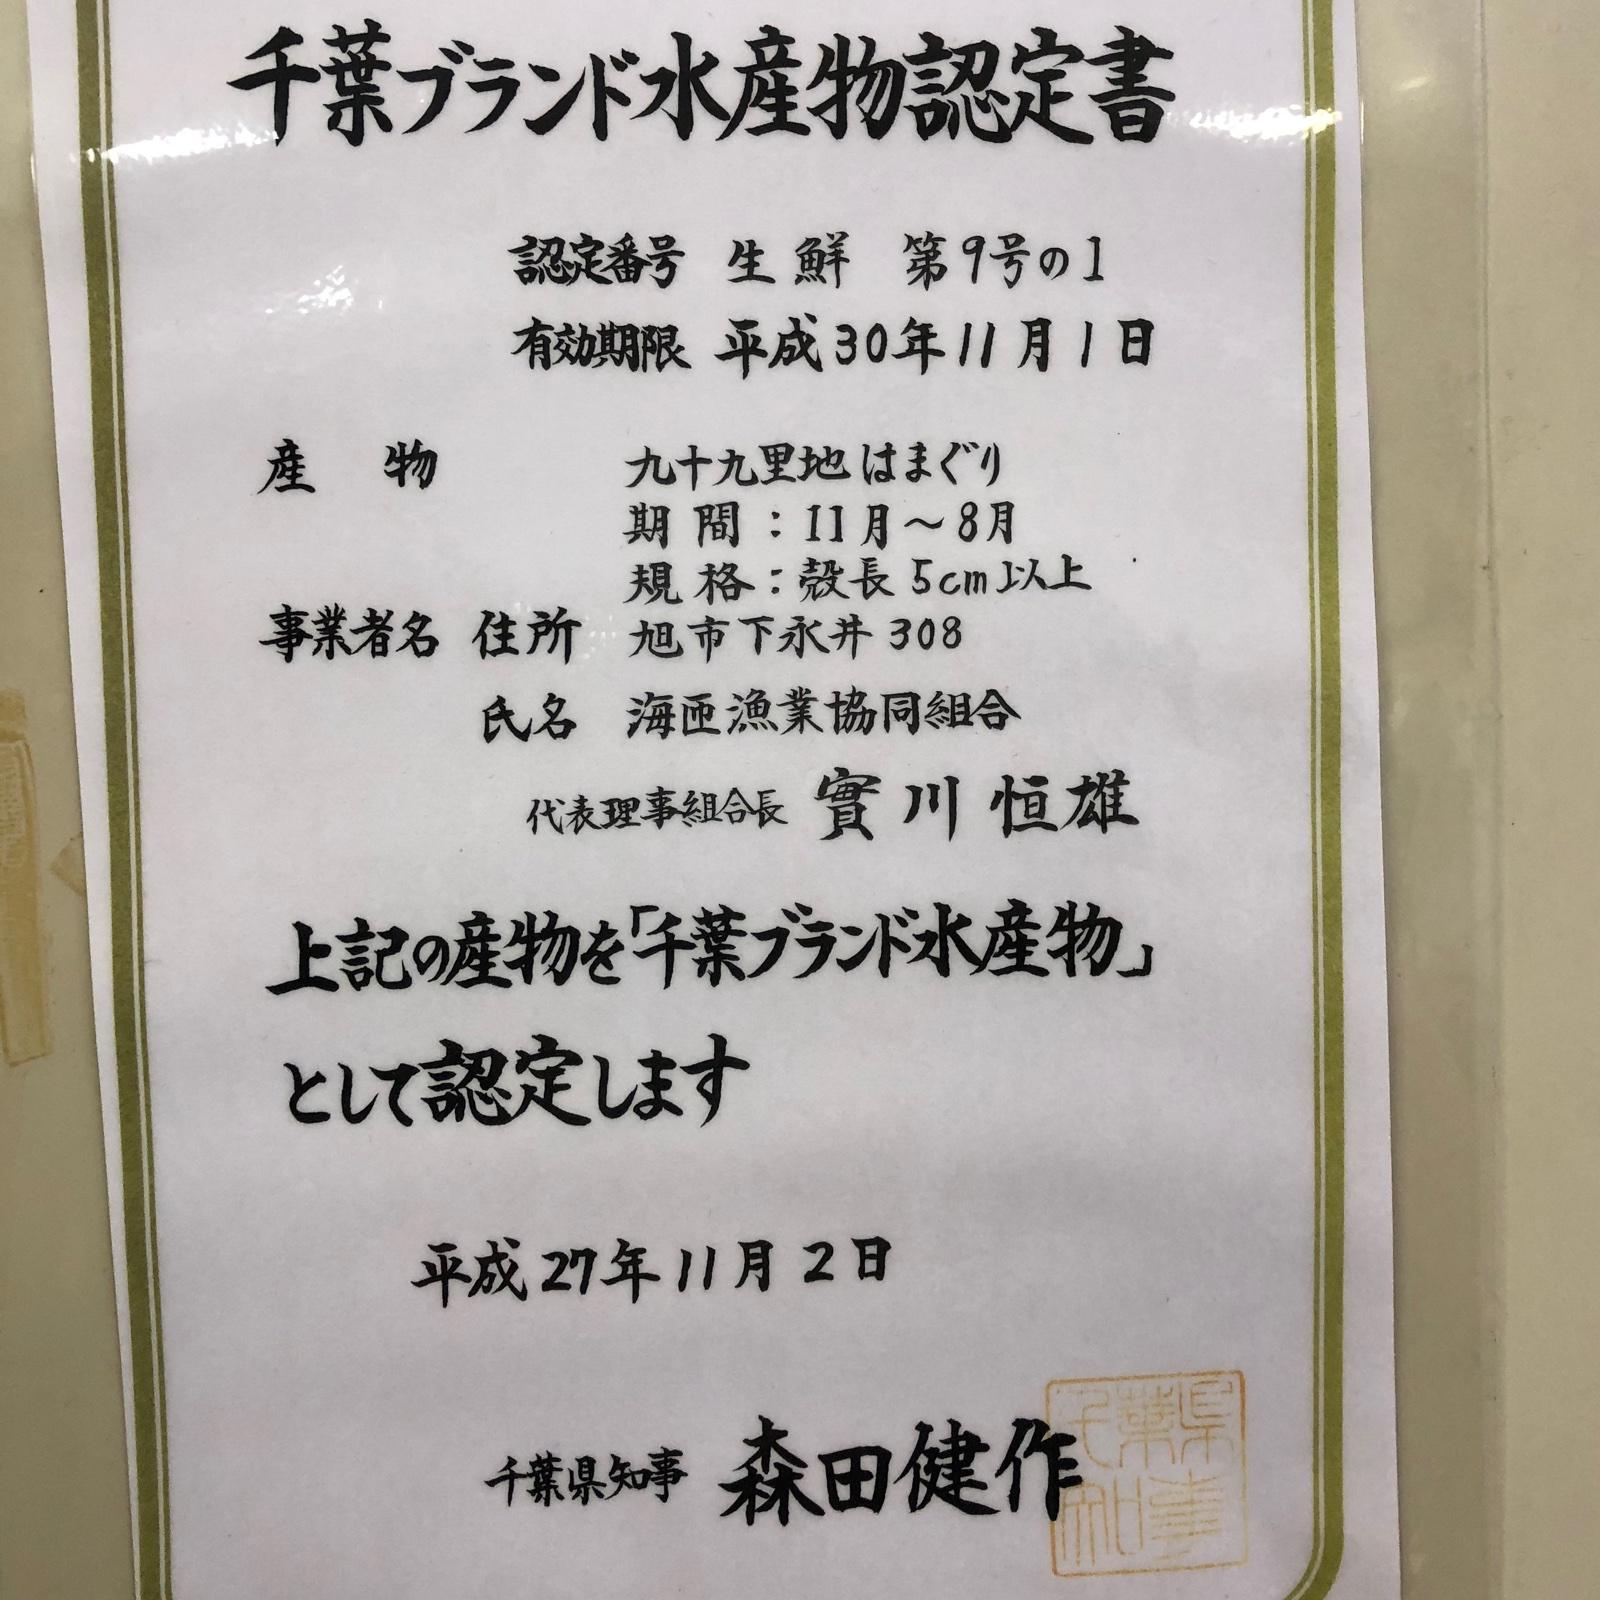 九十九里地はまぐり 4キロ入 千葉県ブランド水産物認定品 4キロ入 魚介類/蛤通販